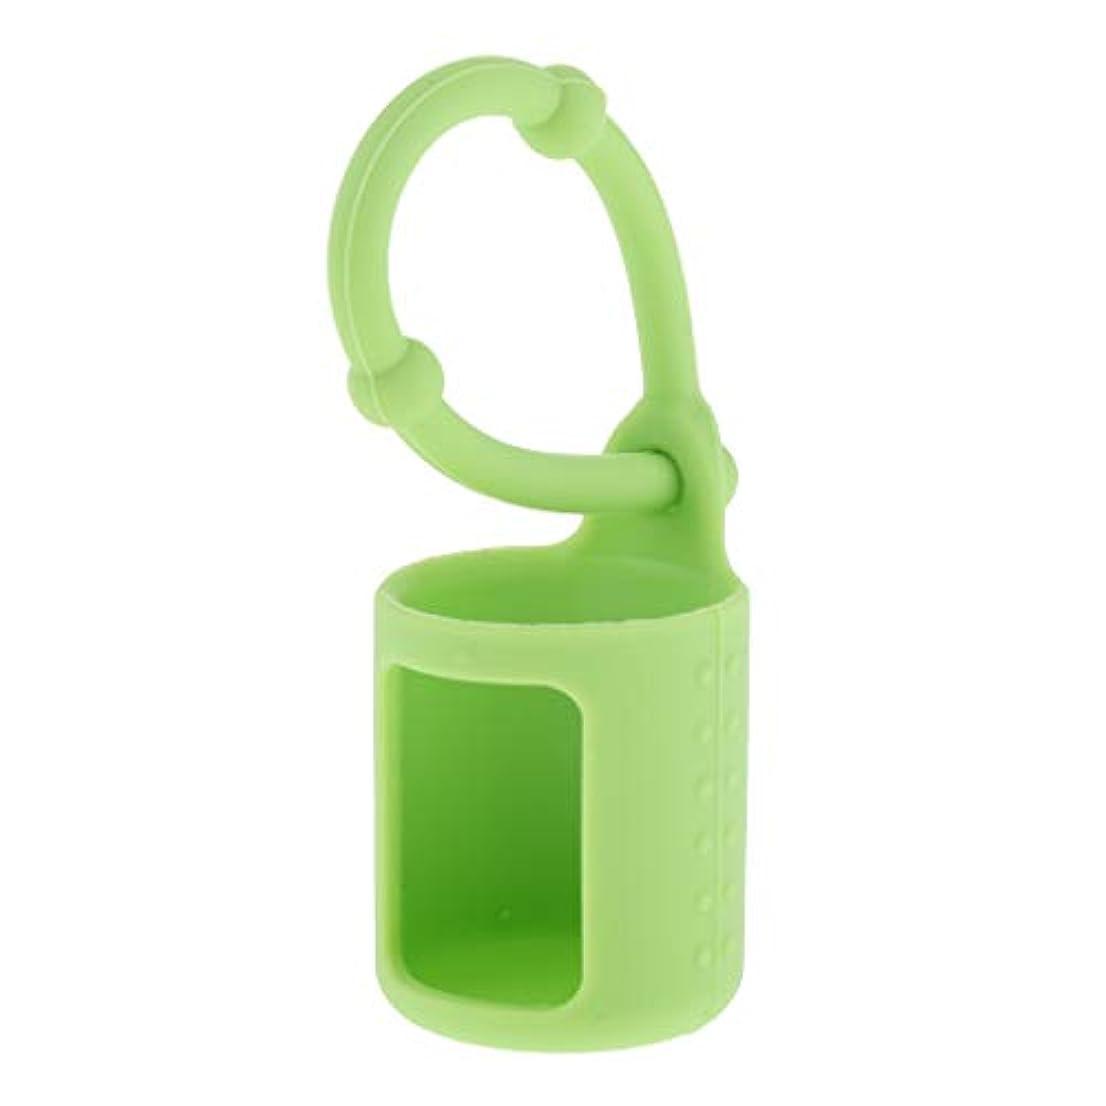 代替スーダン十二6色選べ シリコーン ローラーボトルホルダー エッセンシャルオイル キャリングケース 5ml - 緑